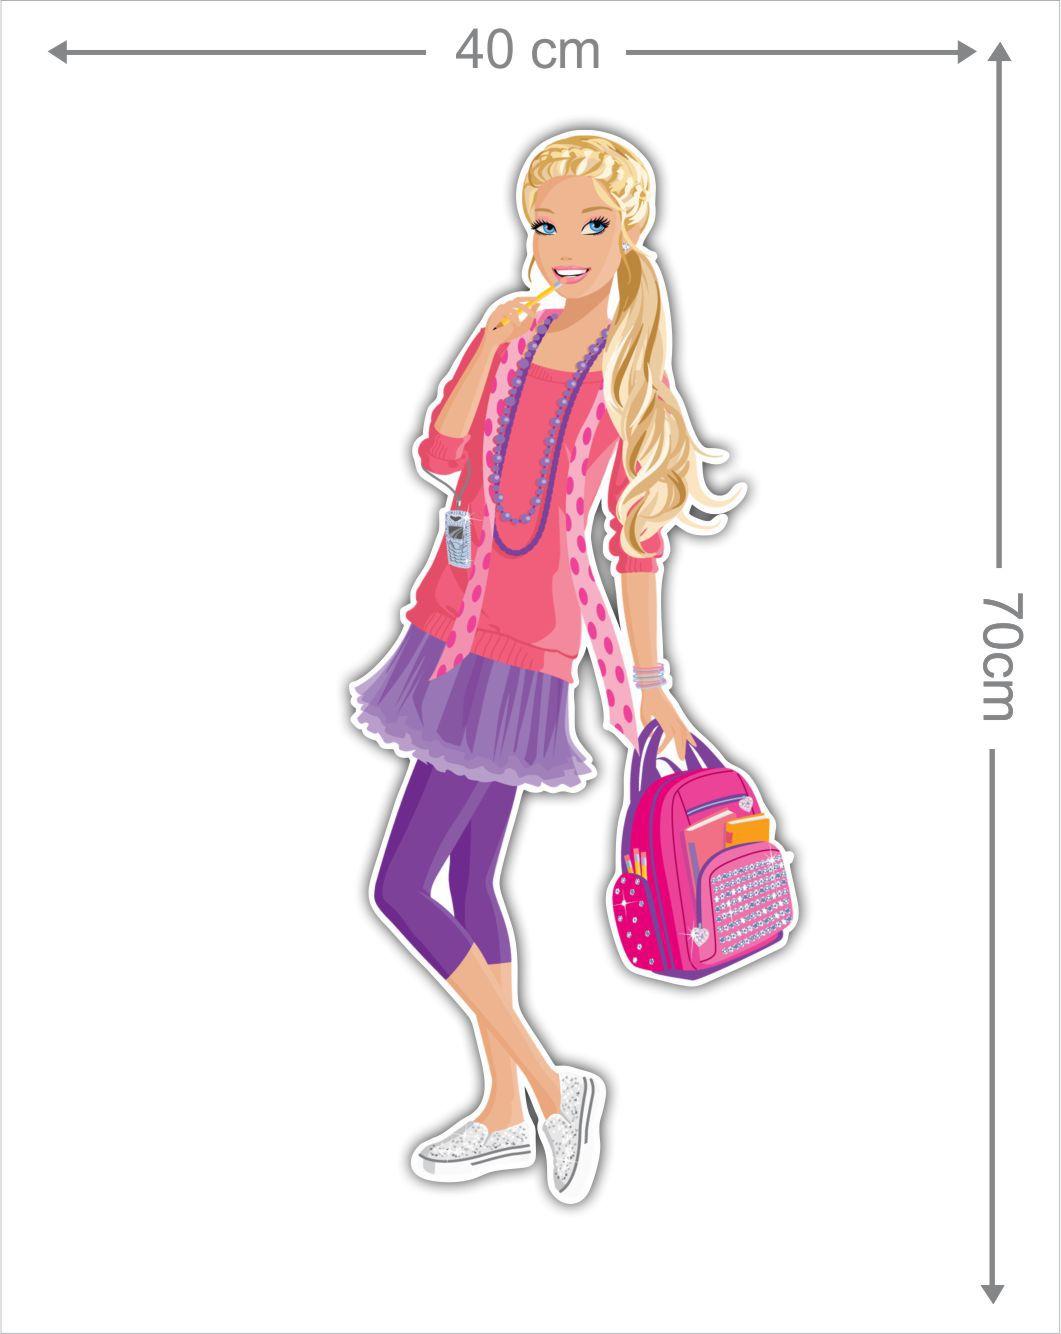 Adesivo Decorativo Barbie 0007  - Paredes Decoradas